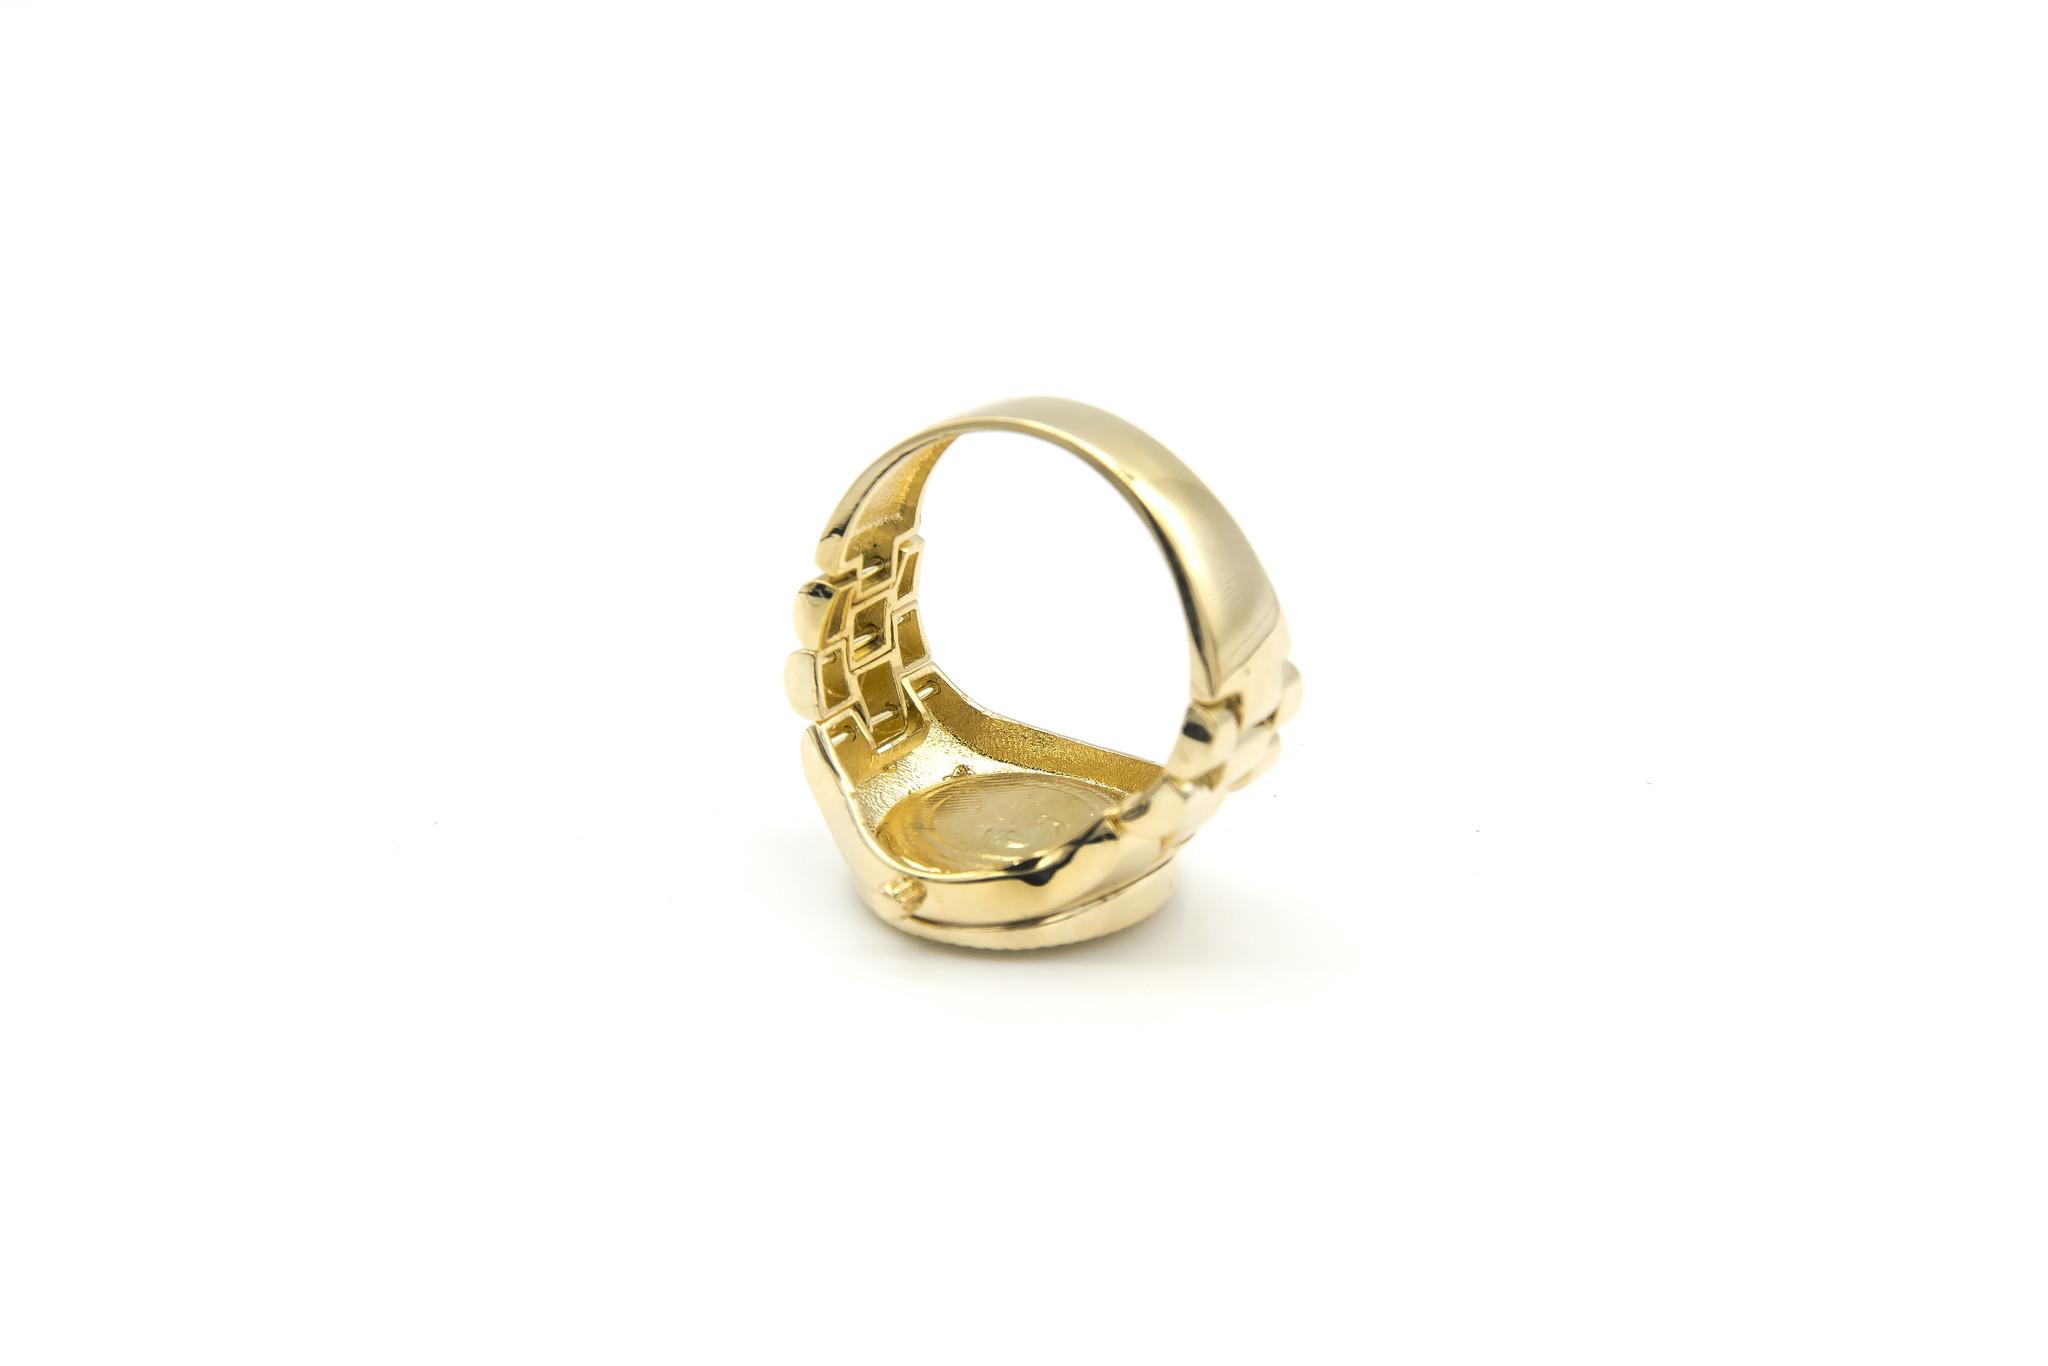 Ring horloge met kroon op zwarte achtergrond met flexibele zijkanten-6